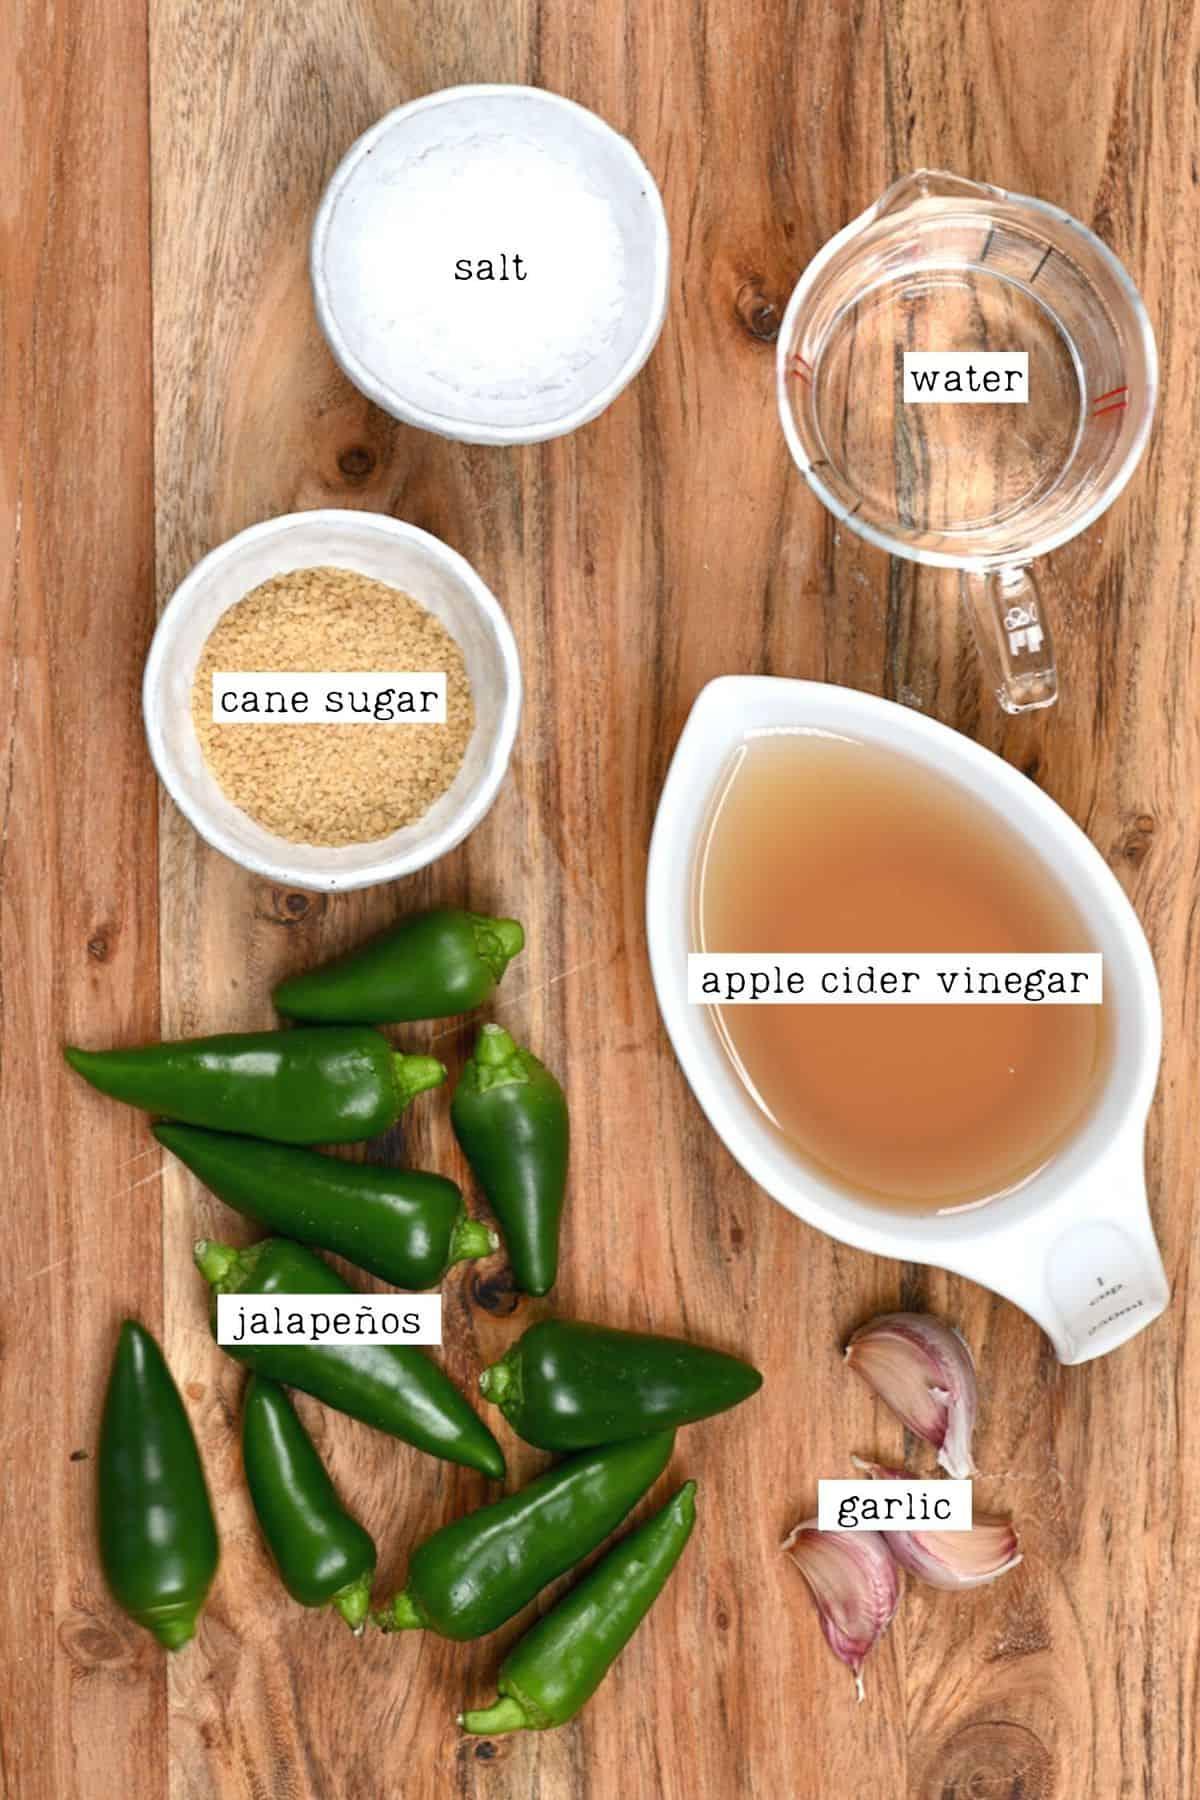 Ingredients for pickled jalapenos